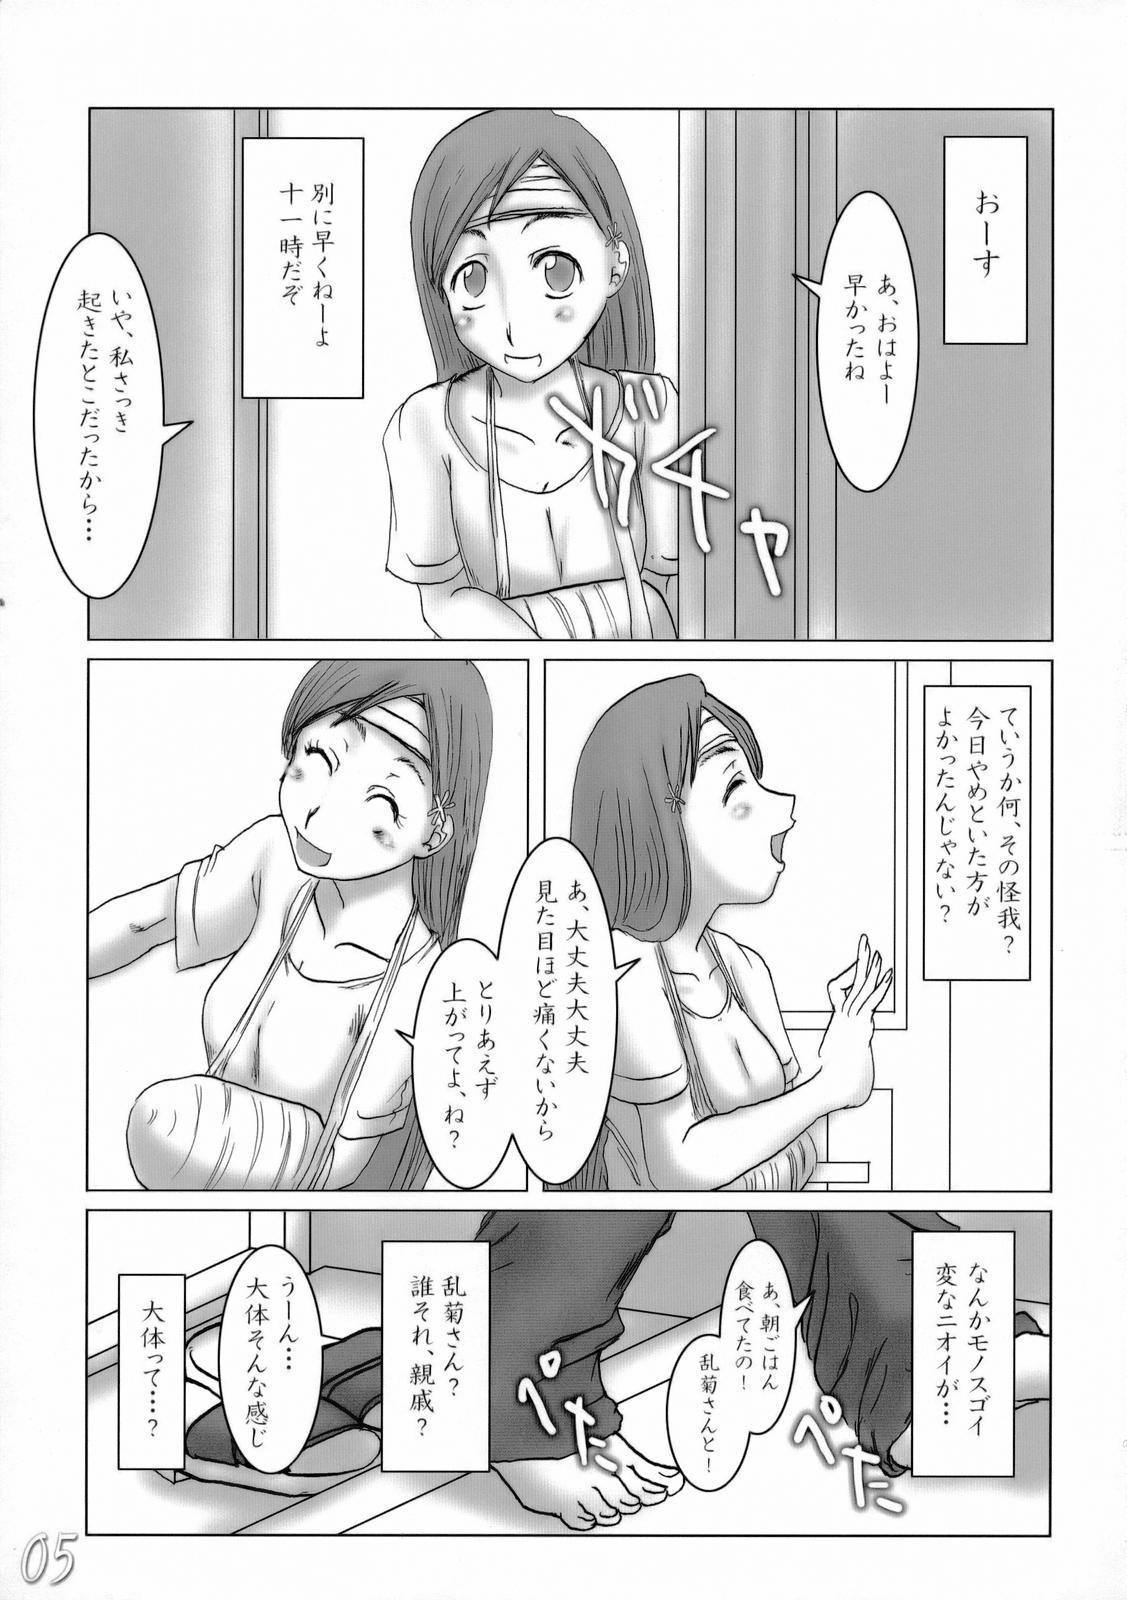 (CT7) [HIGHWAY-SENMU (Maban, Saikoubi)] H-Sen 9 - Erotical Miyasato Bros. (Bleach) 3